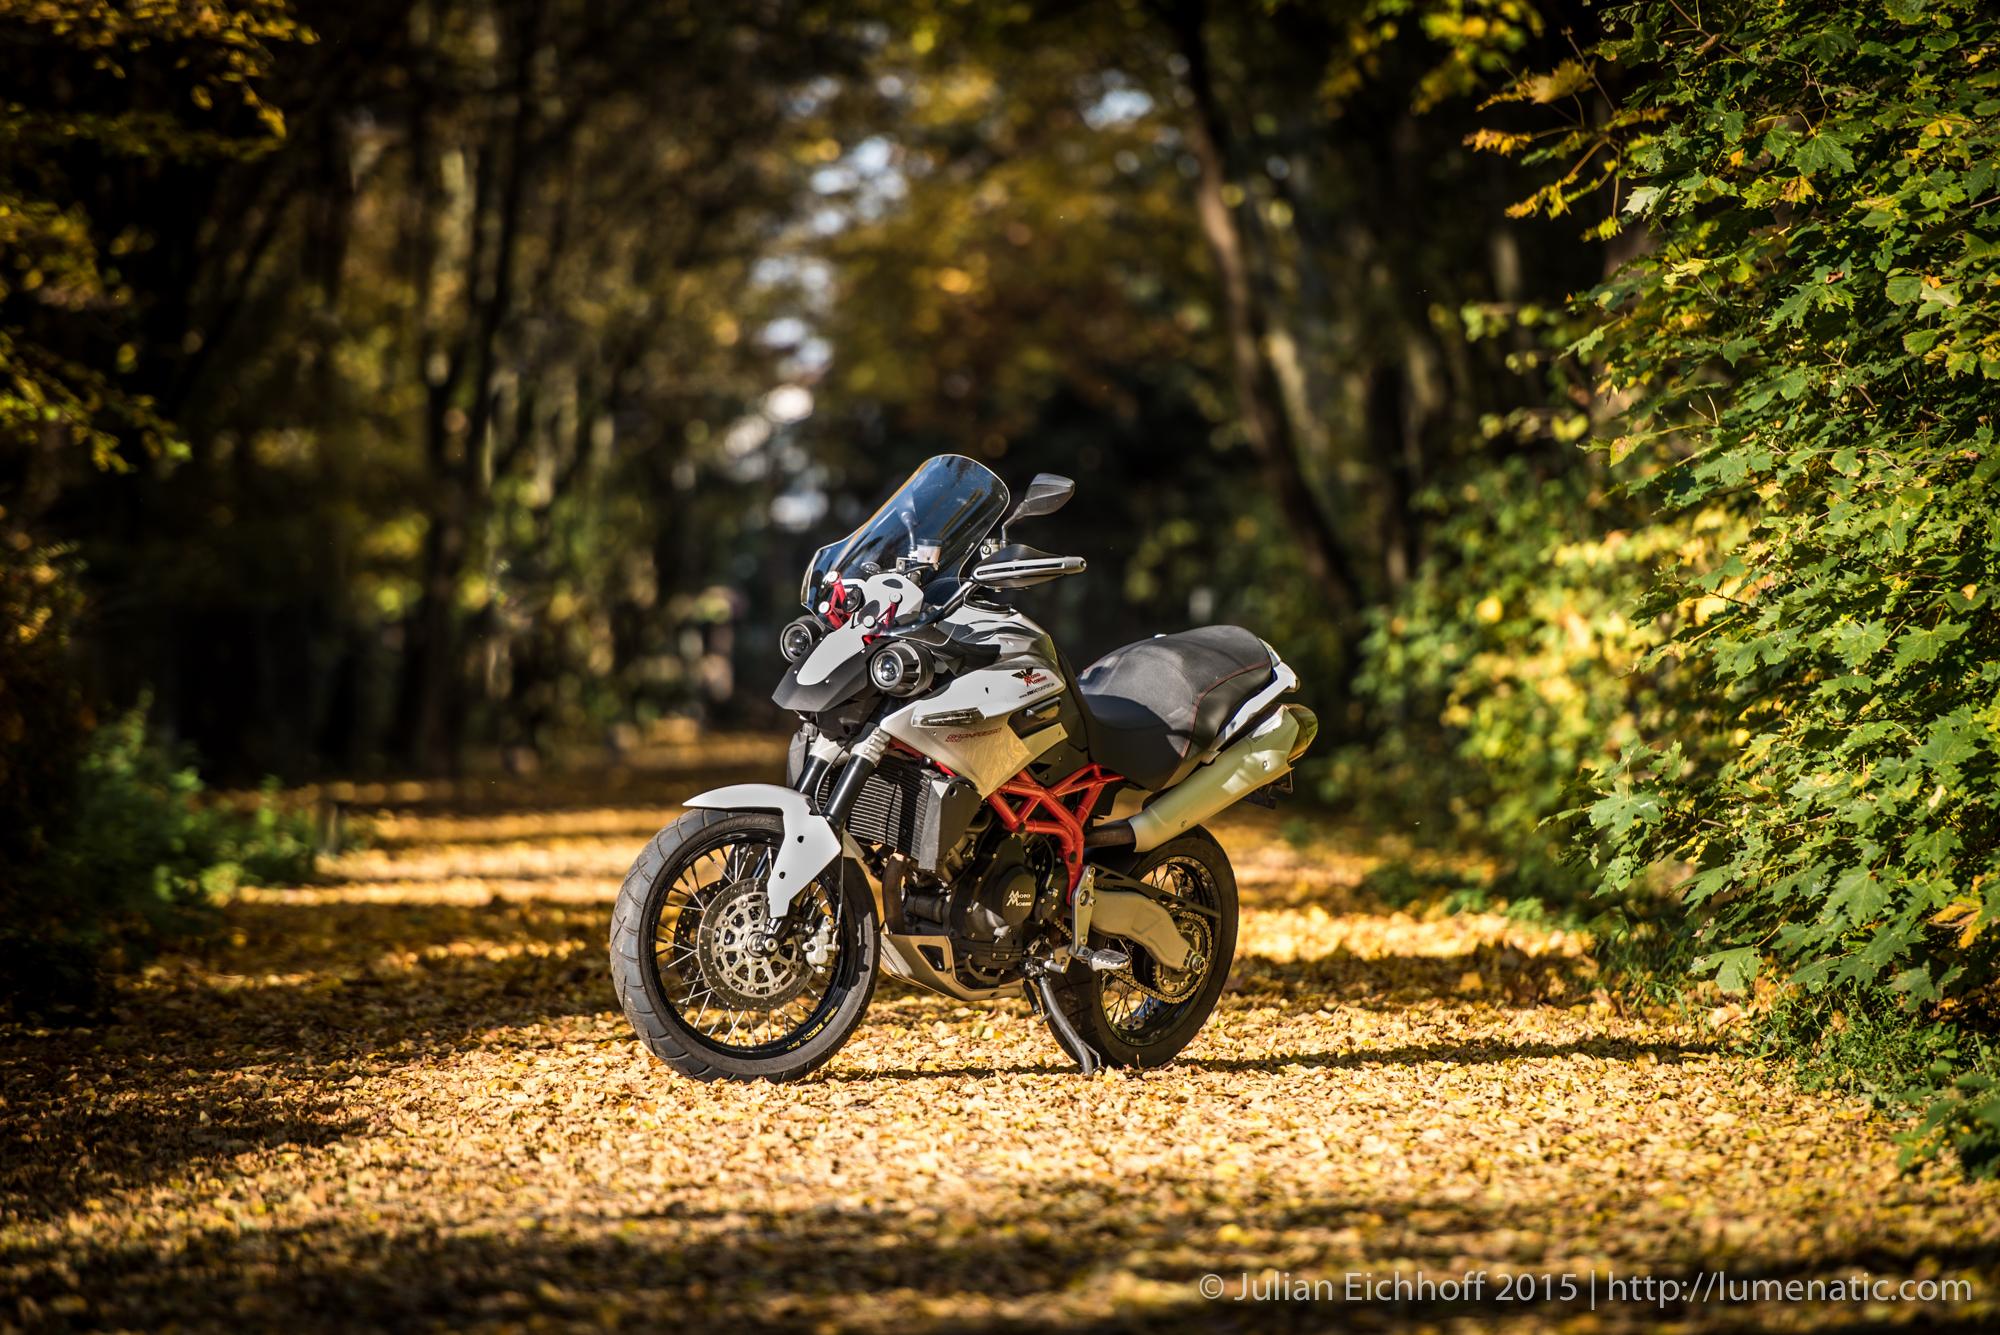 Bike in autumn foliage, part 1: Daytime